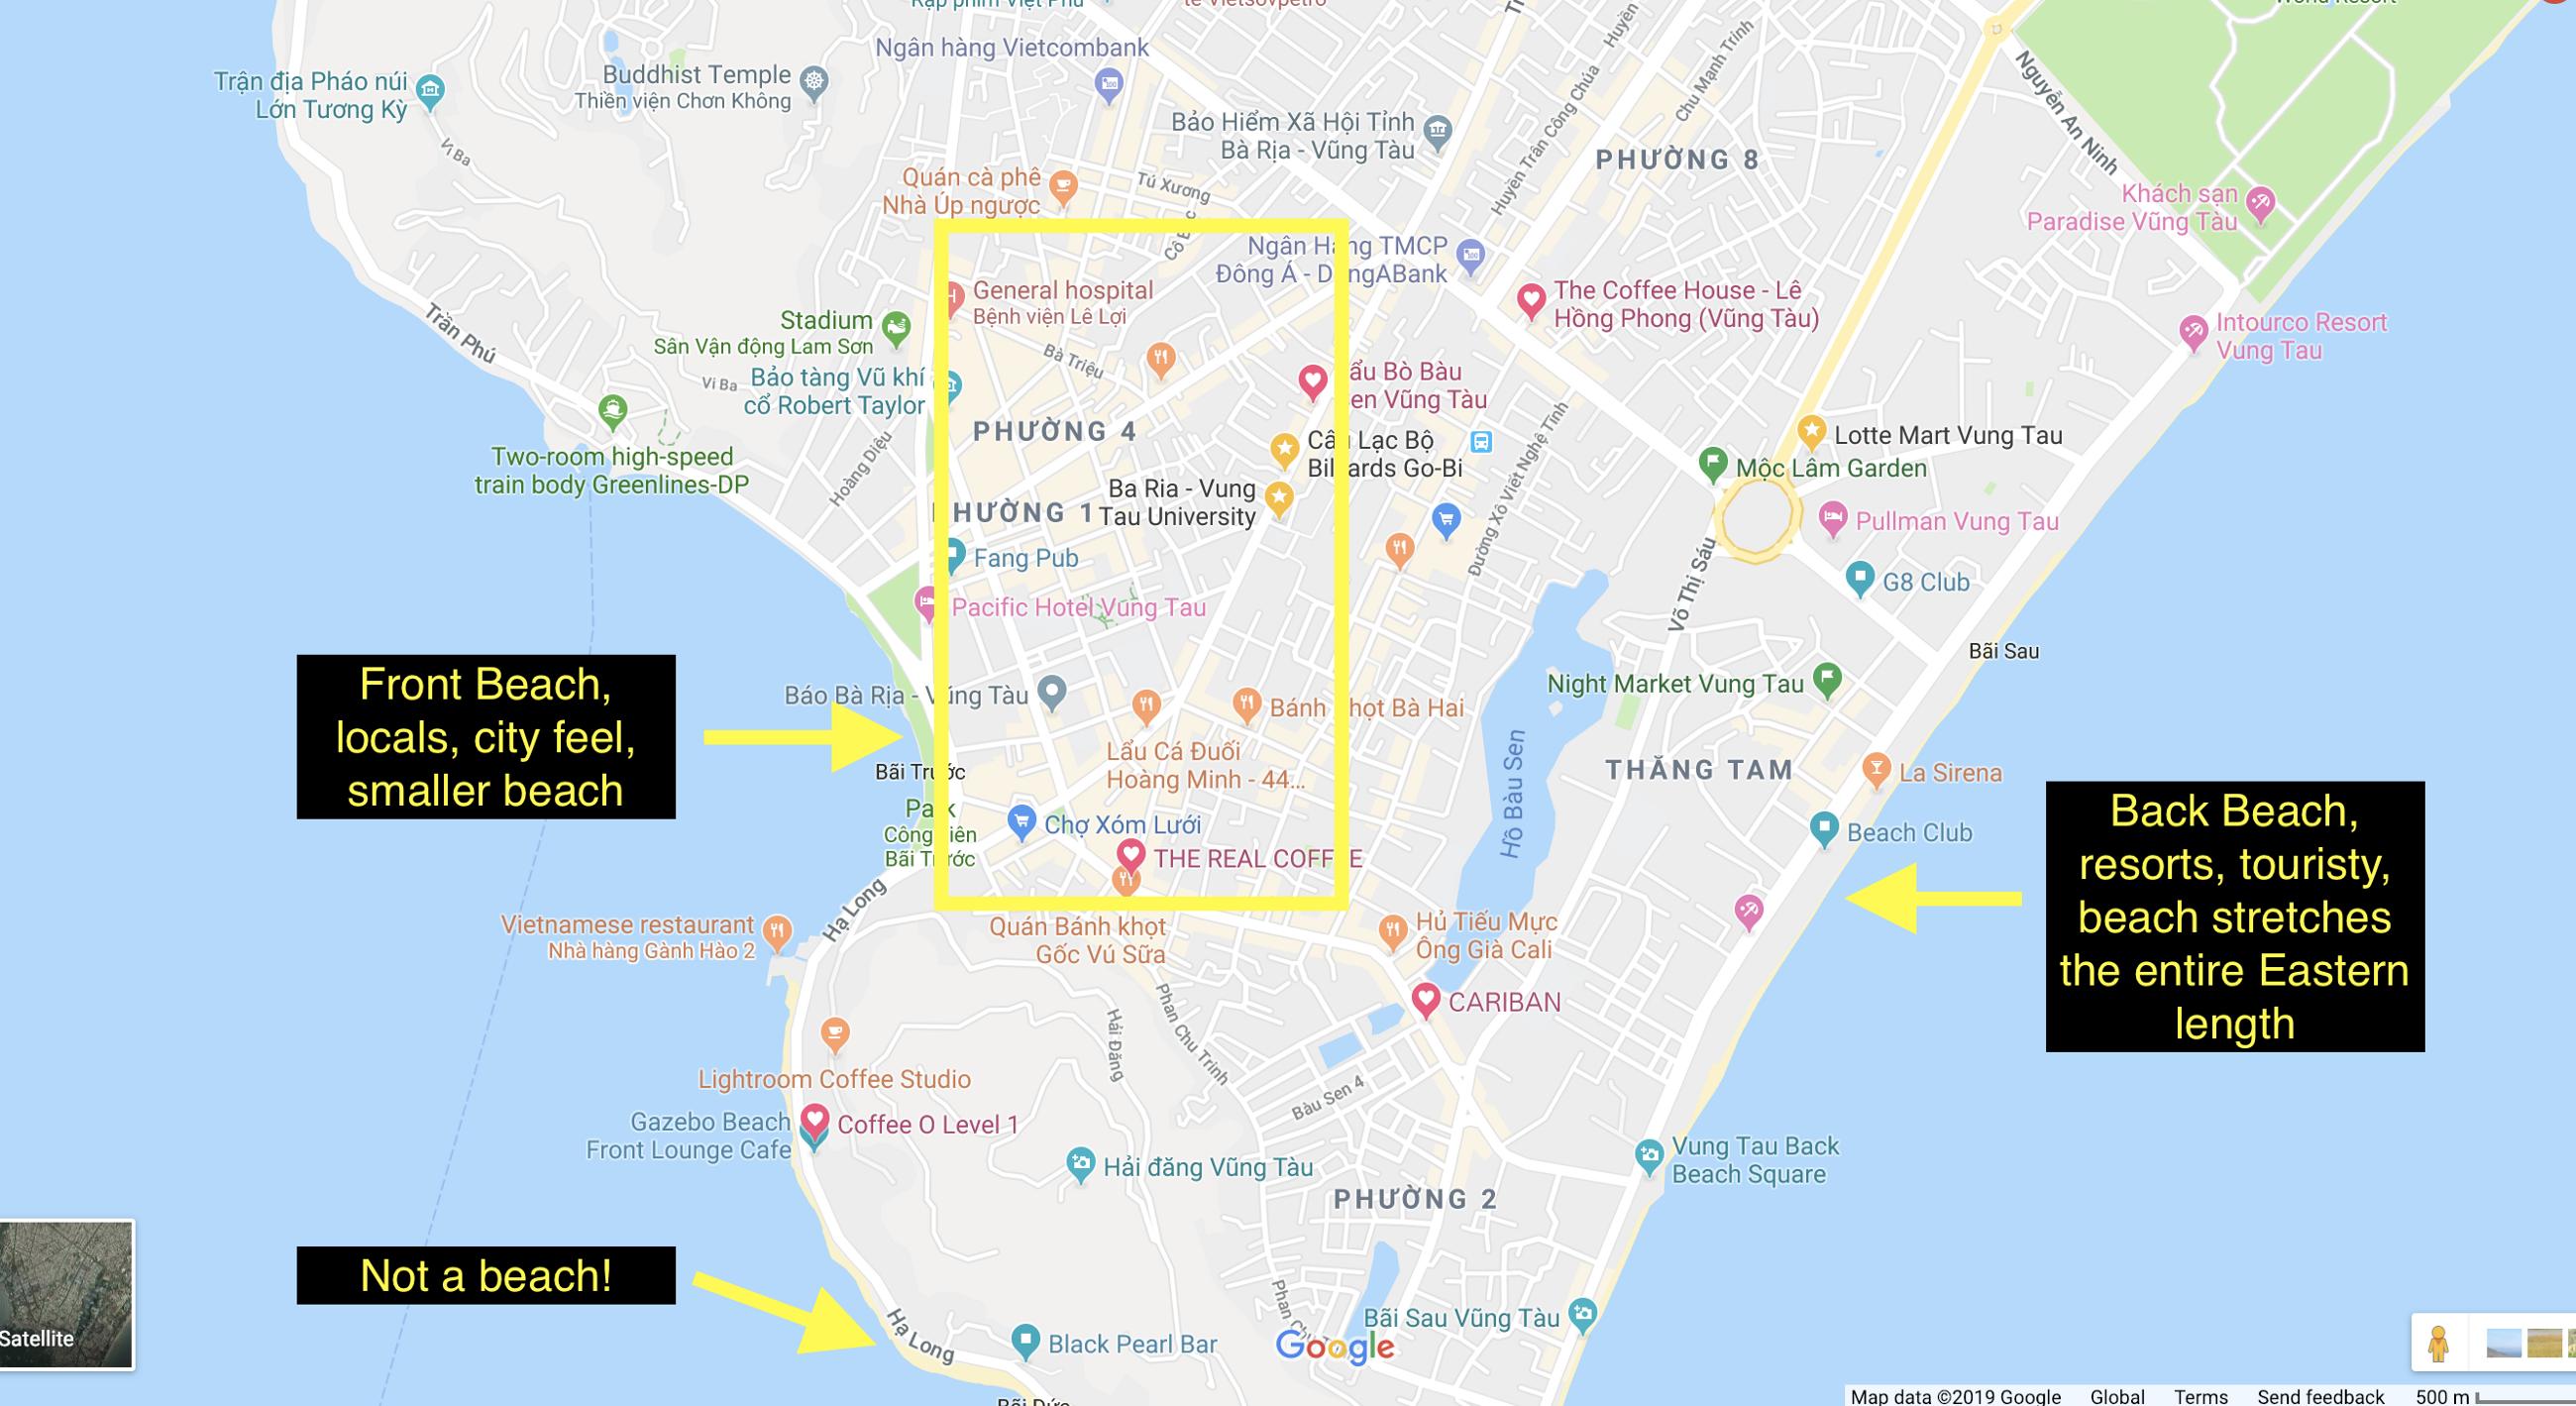 vung tau neighborhood guide